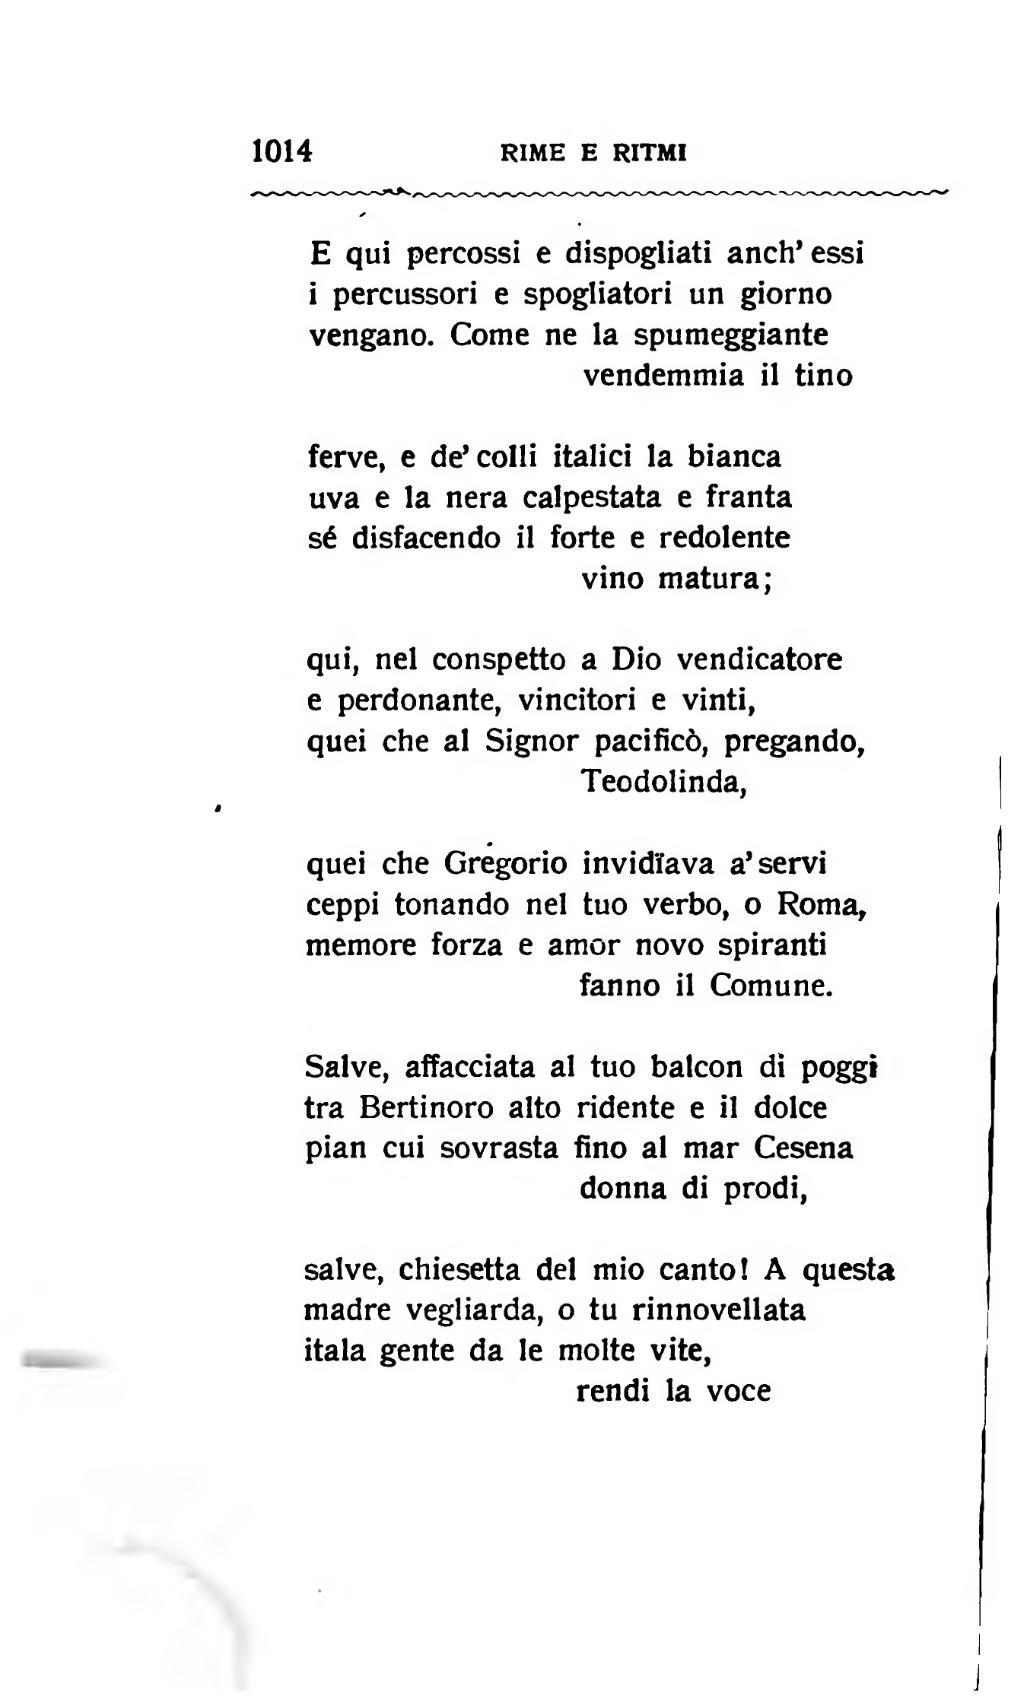 Favorito Pagina:Poesie (Carducci).djvu/1040 - Wikisource VM02